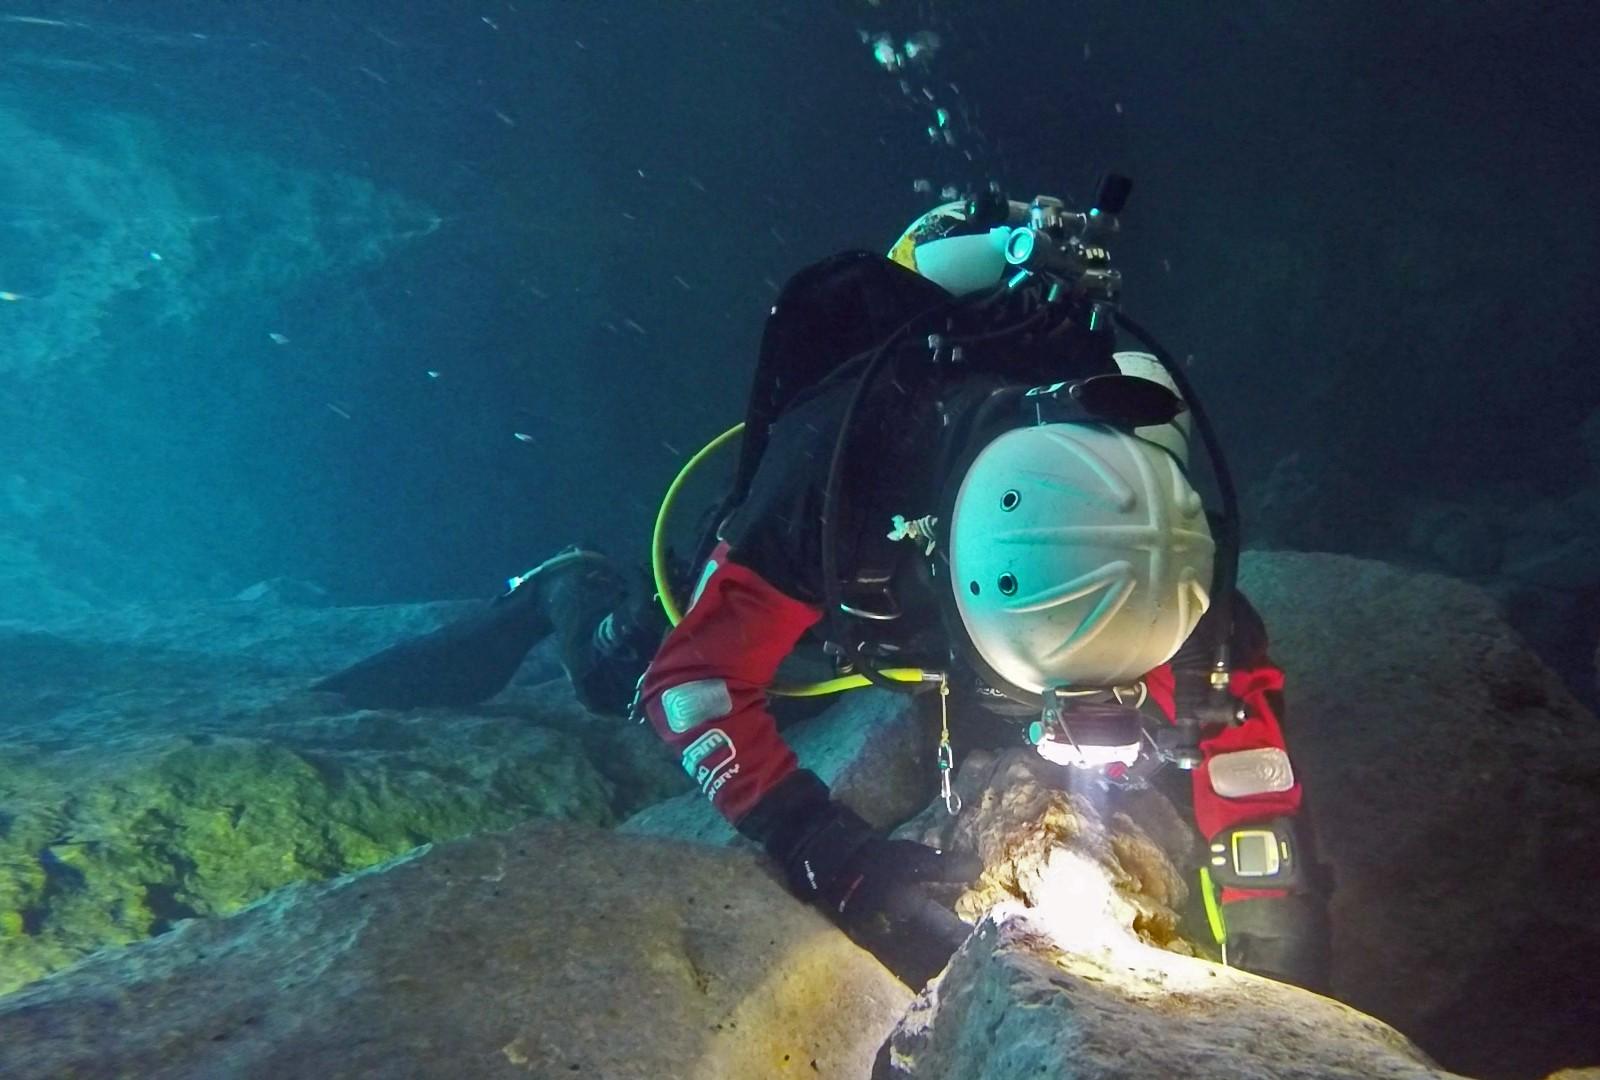 Zaron u izvor Jadra – iznenađujuće speleološko otkriće